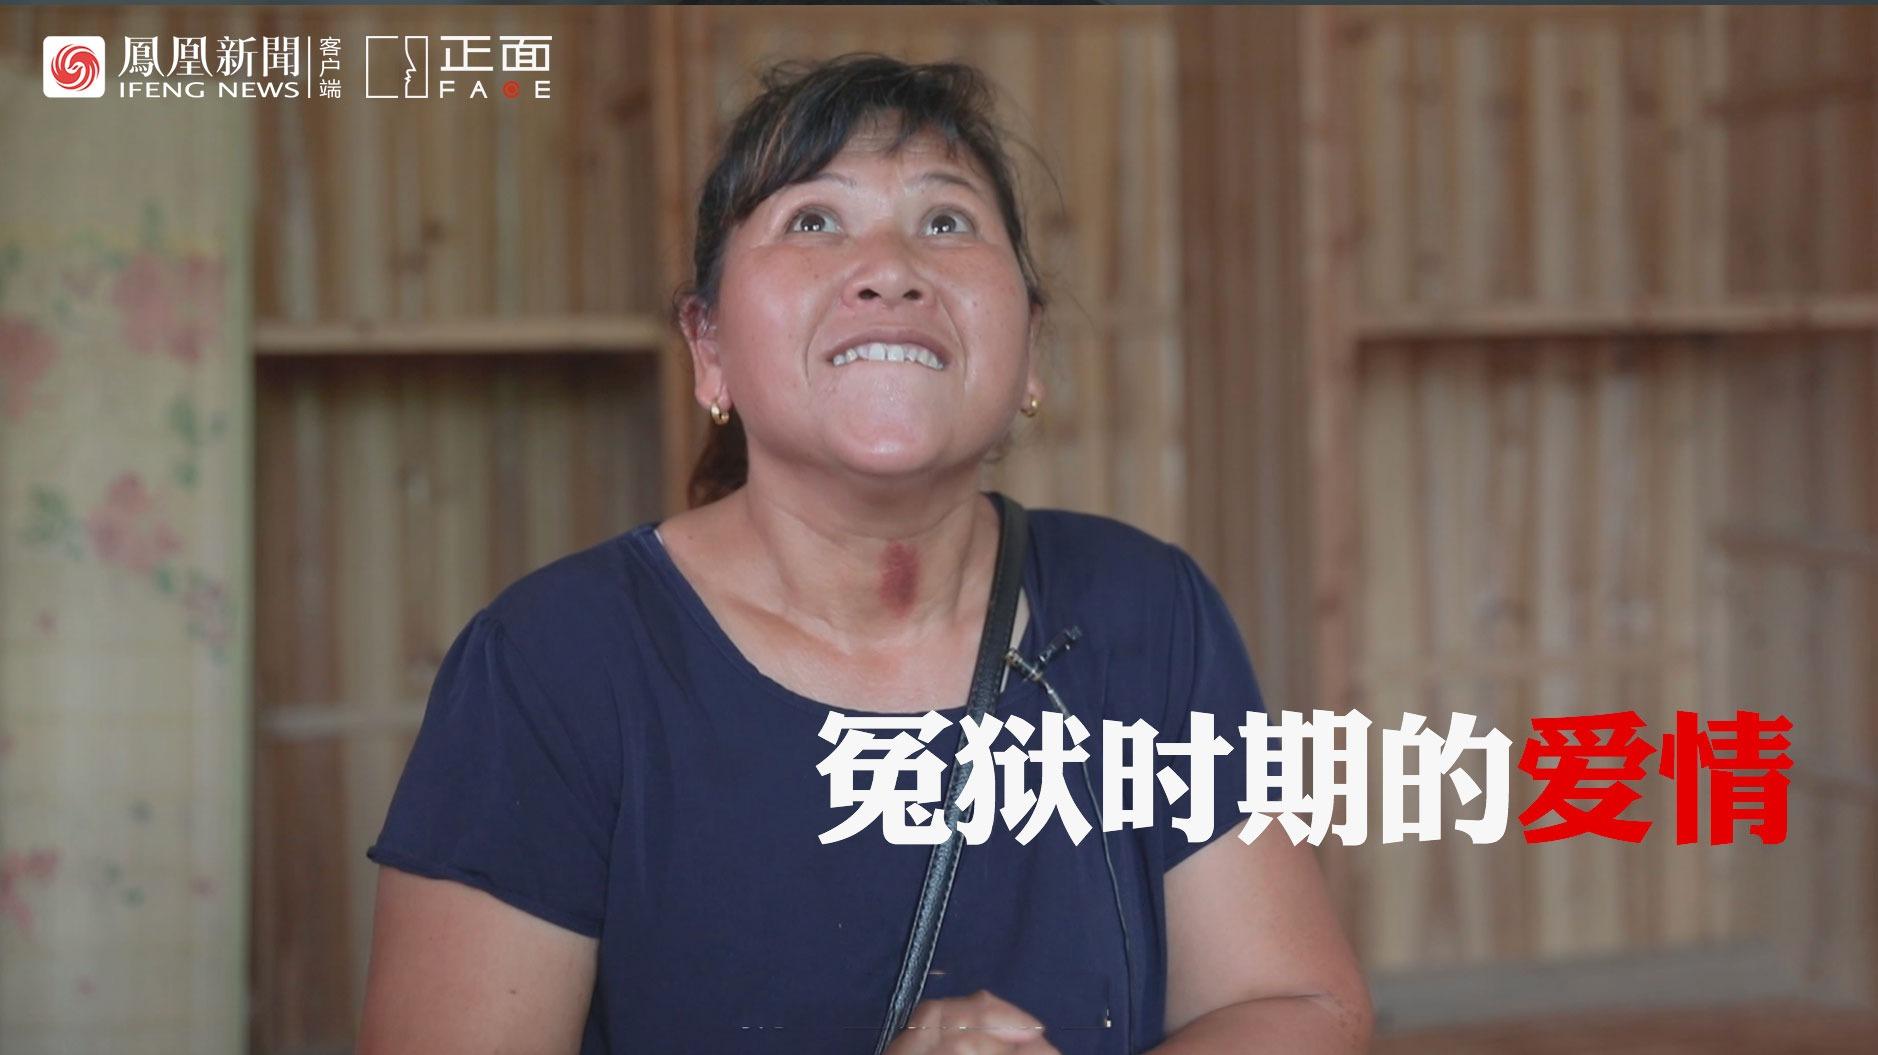 宋小女向现任丈夫道歉:对不起多次把你叫成张玉环